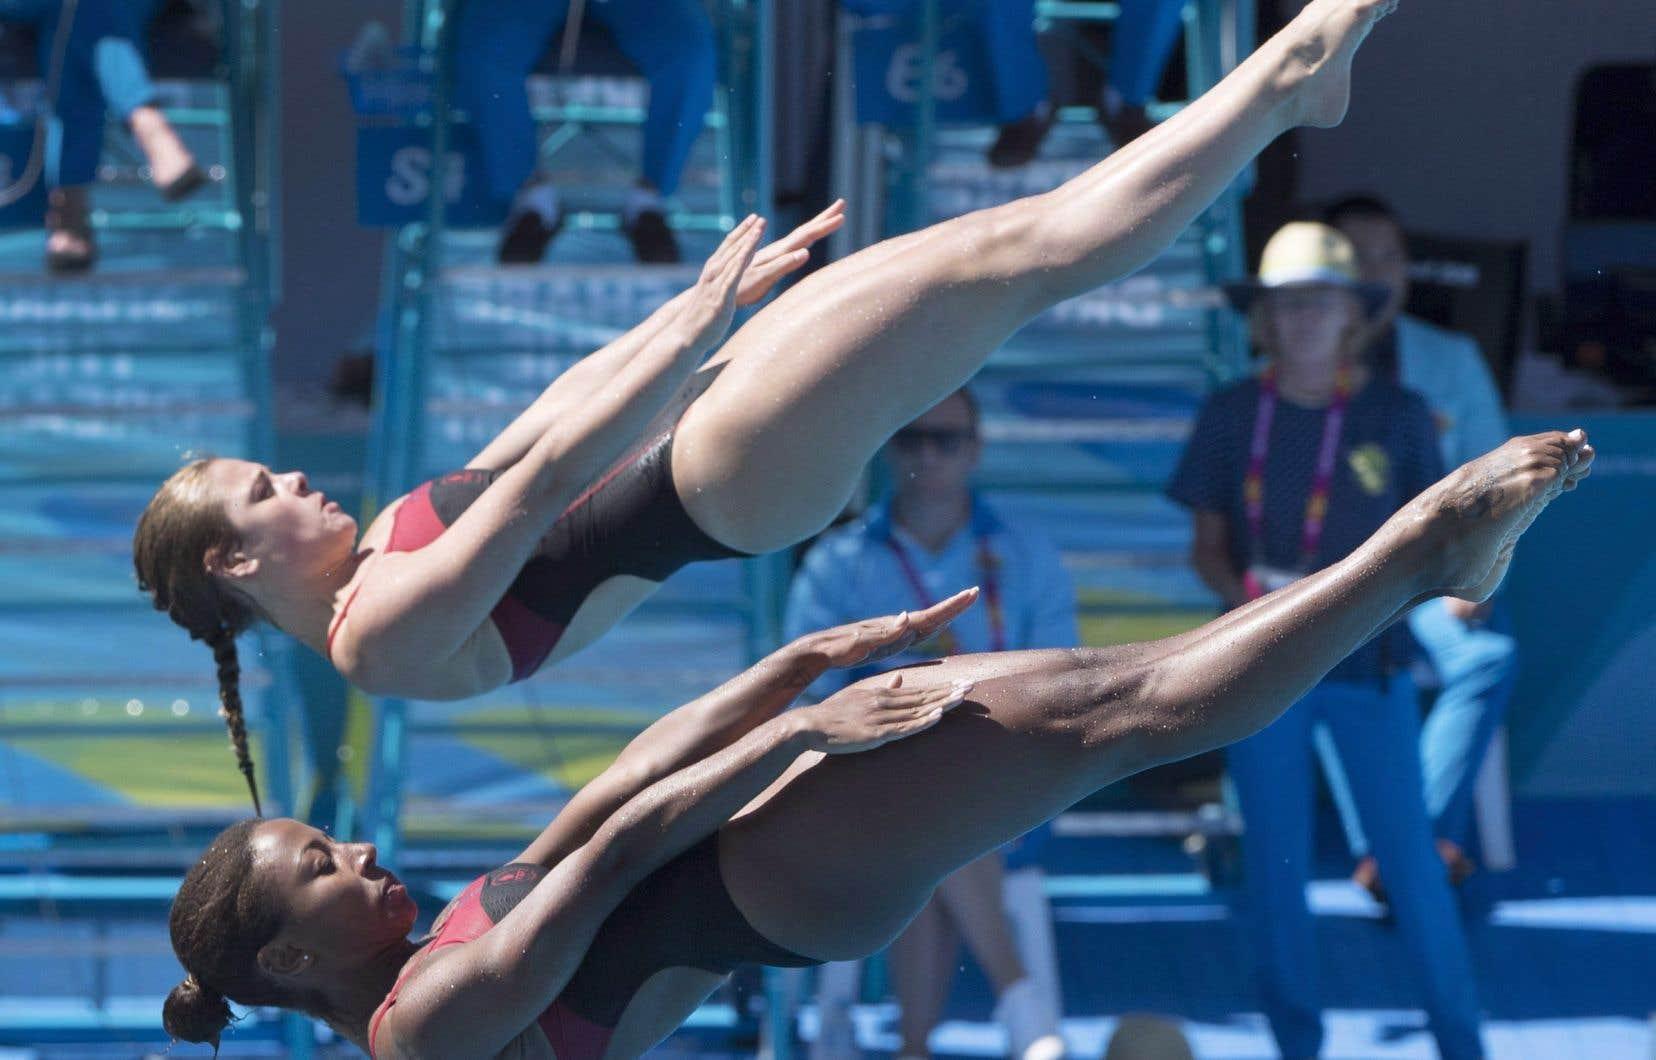 Jennifer Abel et Mélissa Citrini-Beaulieuont pu tourner la page sur leur désastreuse cinquième place dans la même épreuve aux Jeux du Commonwealth plus tôt ce mois-ci.